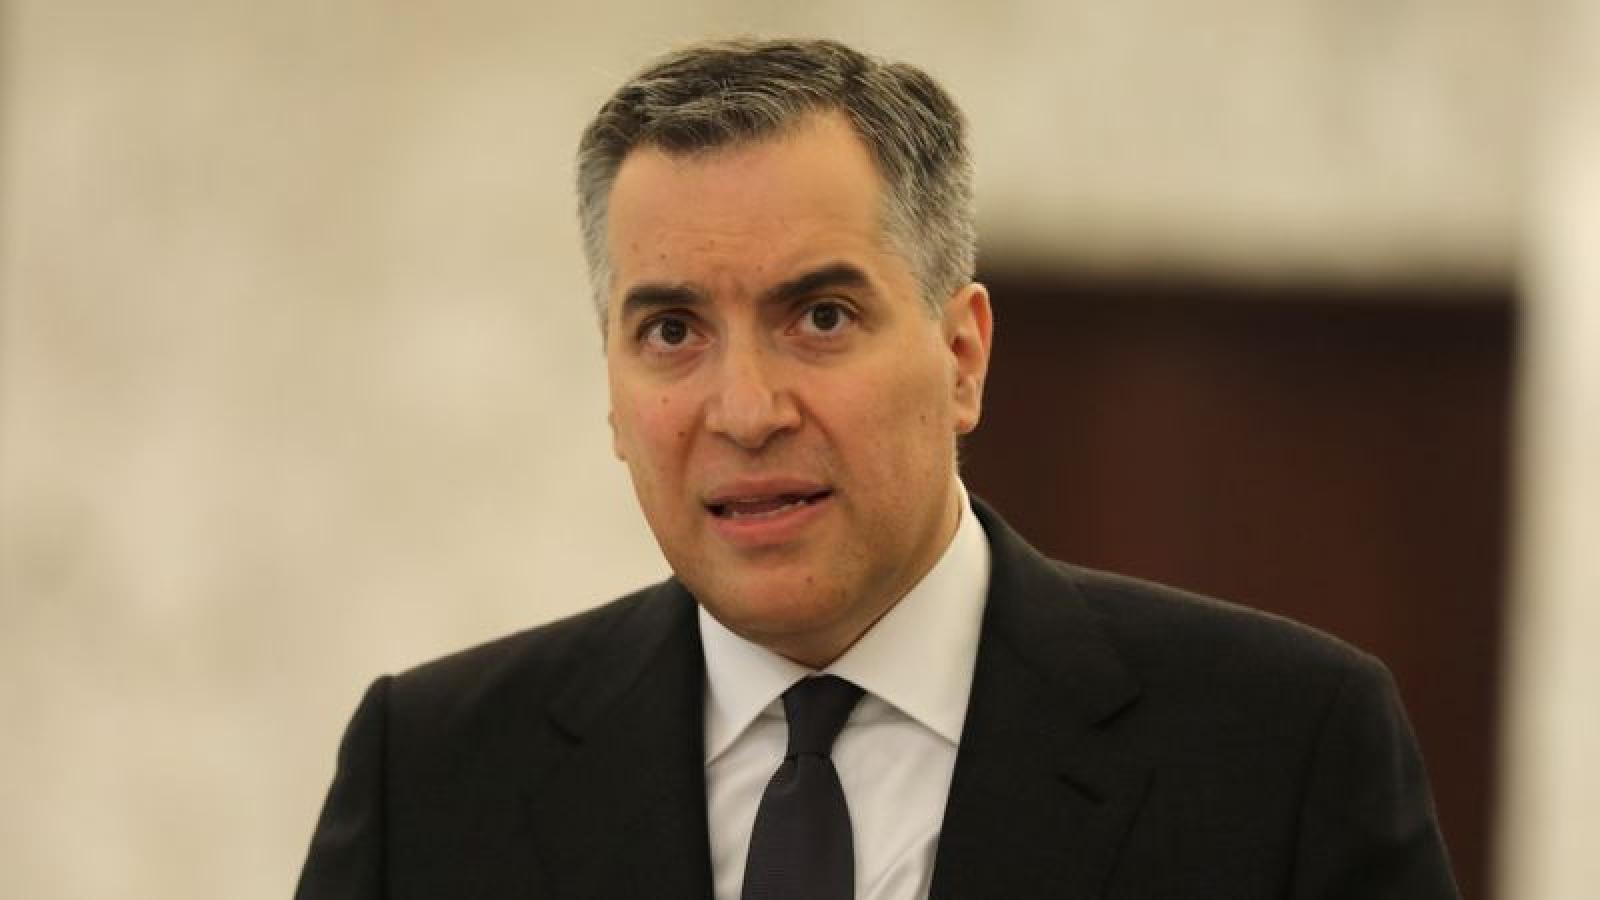 """Thủ tướng Lebanon bất ngờ từ chức: Sáng kiến của Pháp liệu có """"chết yểu""""?"""